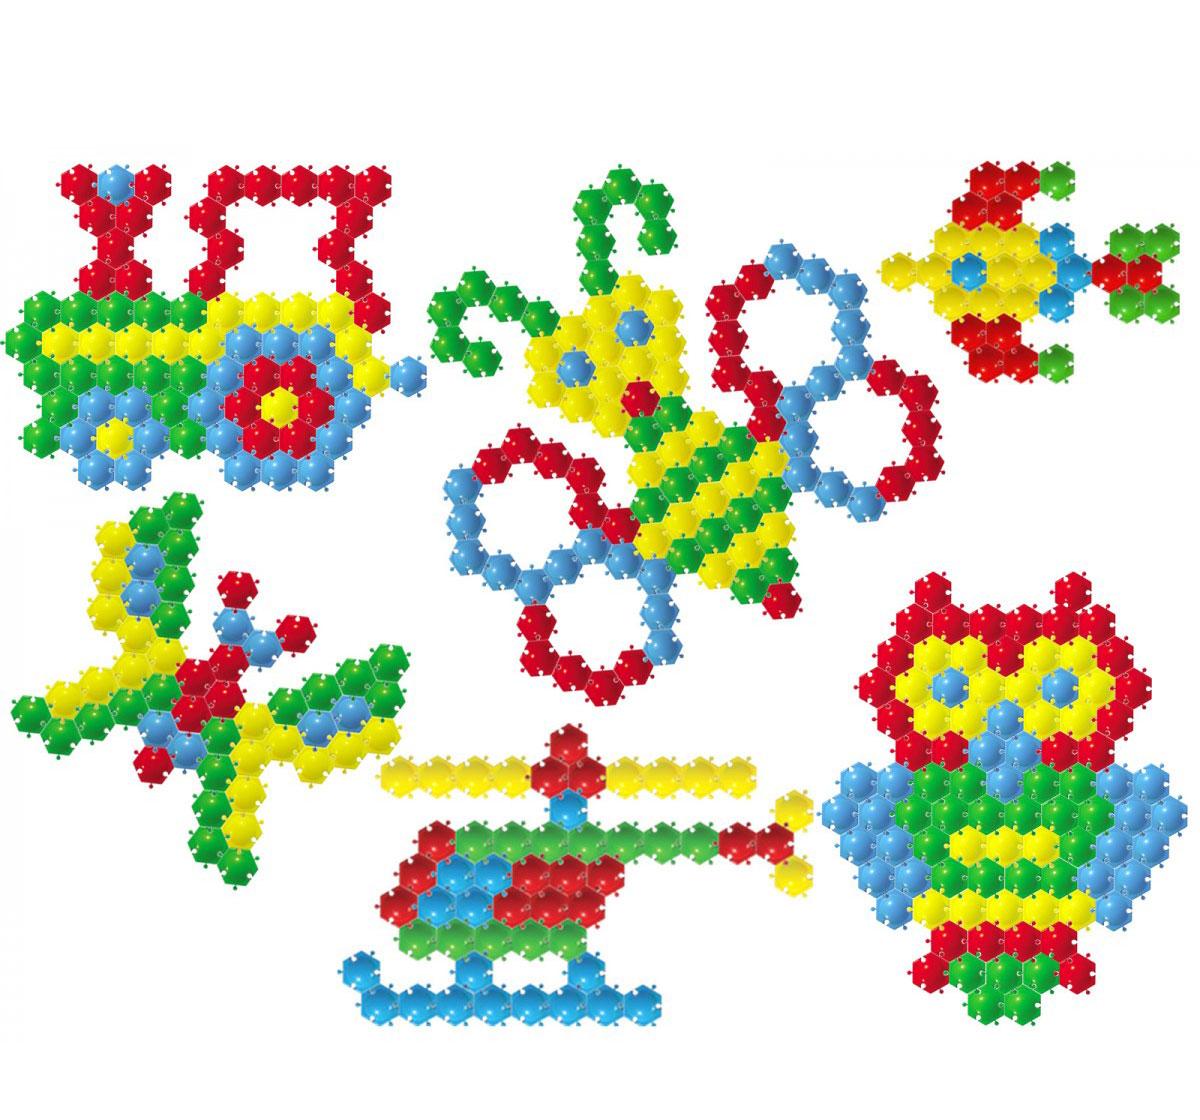 Тапочки из шестиугольных мотивов - Вязание спицами, вязание